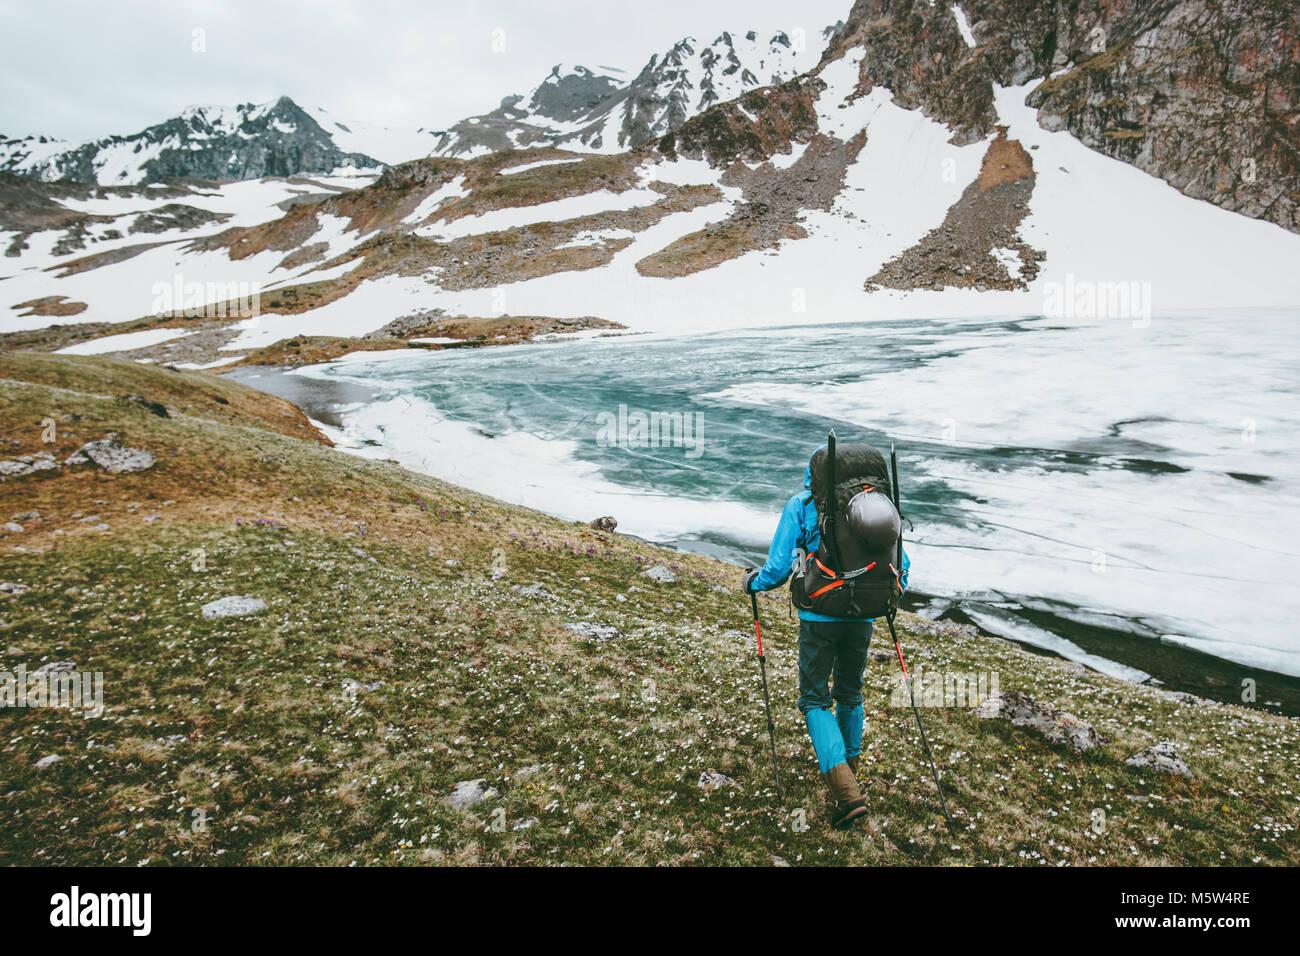 Homme avec sac à dos randonnée en montagne vie voyager concept de survie en plein air aventure vacances Photo Stock